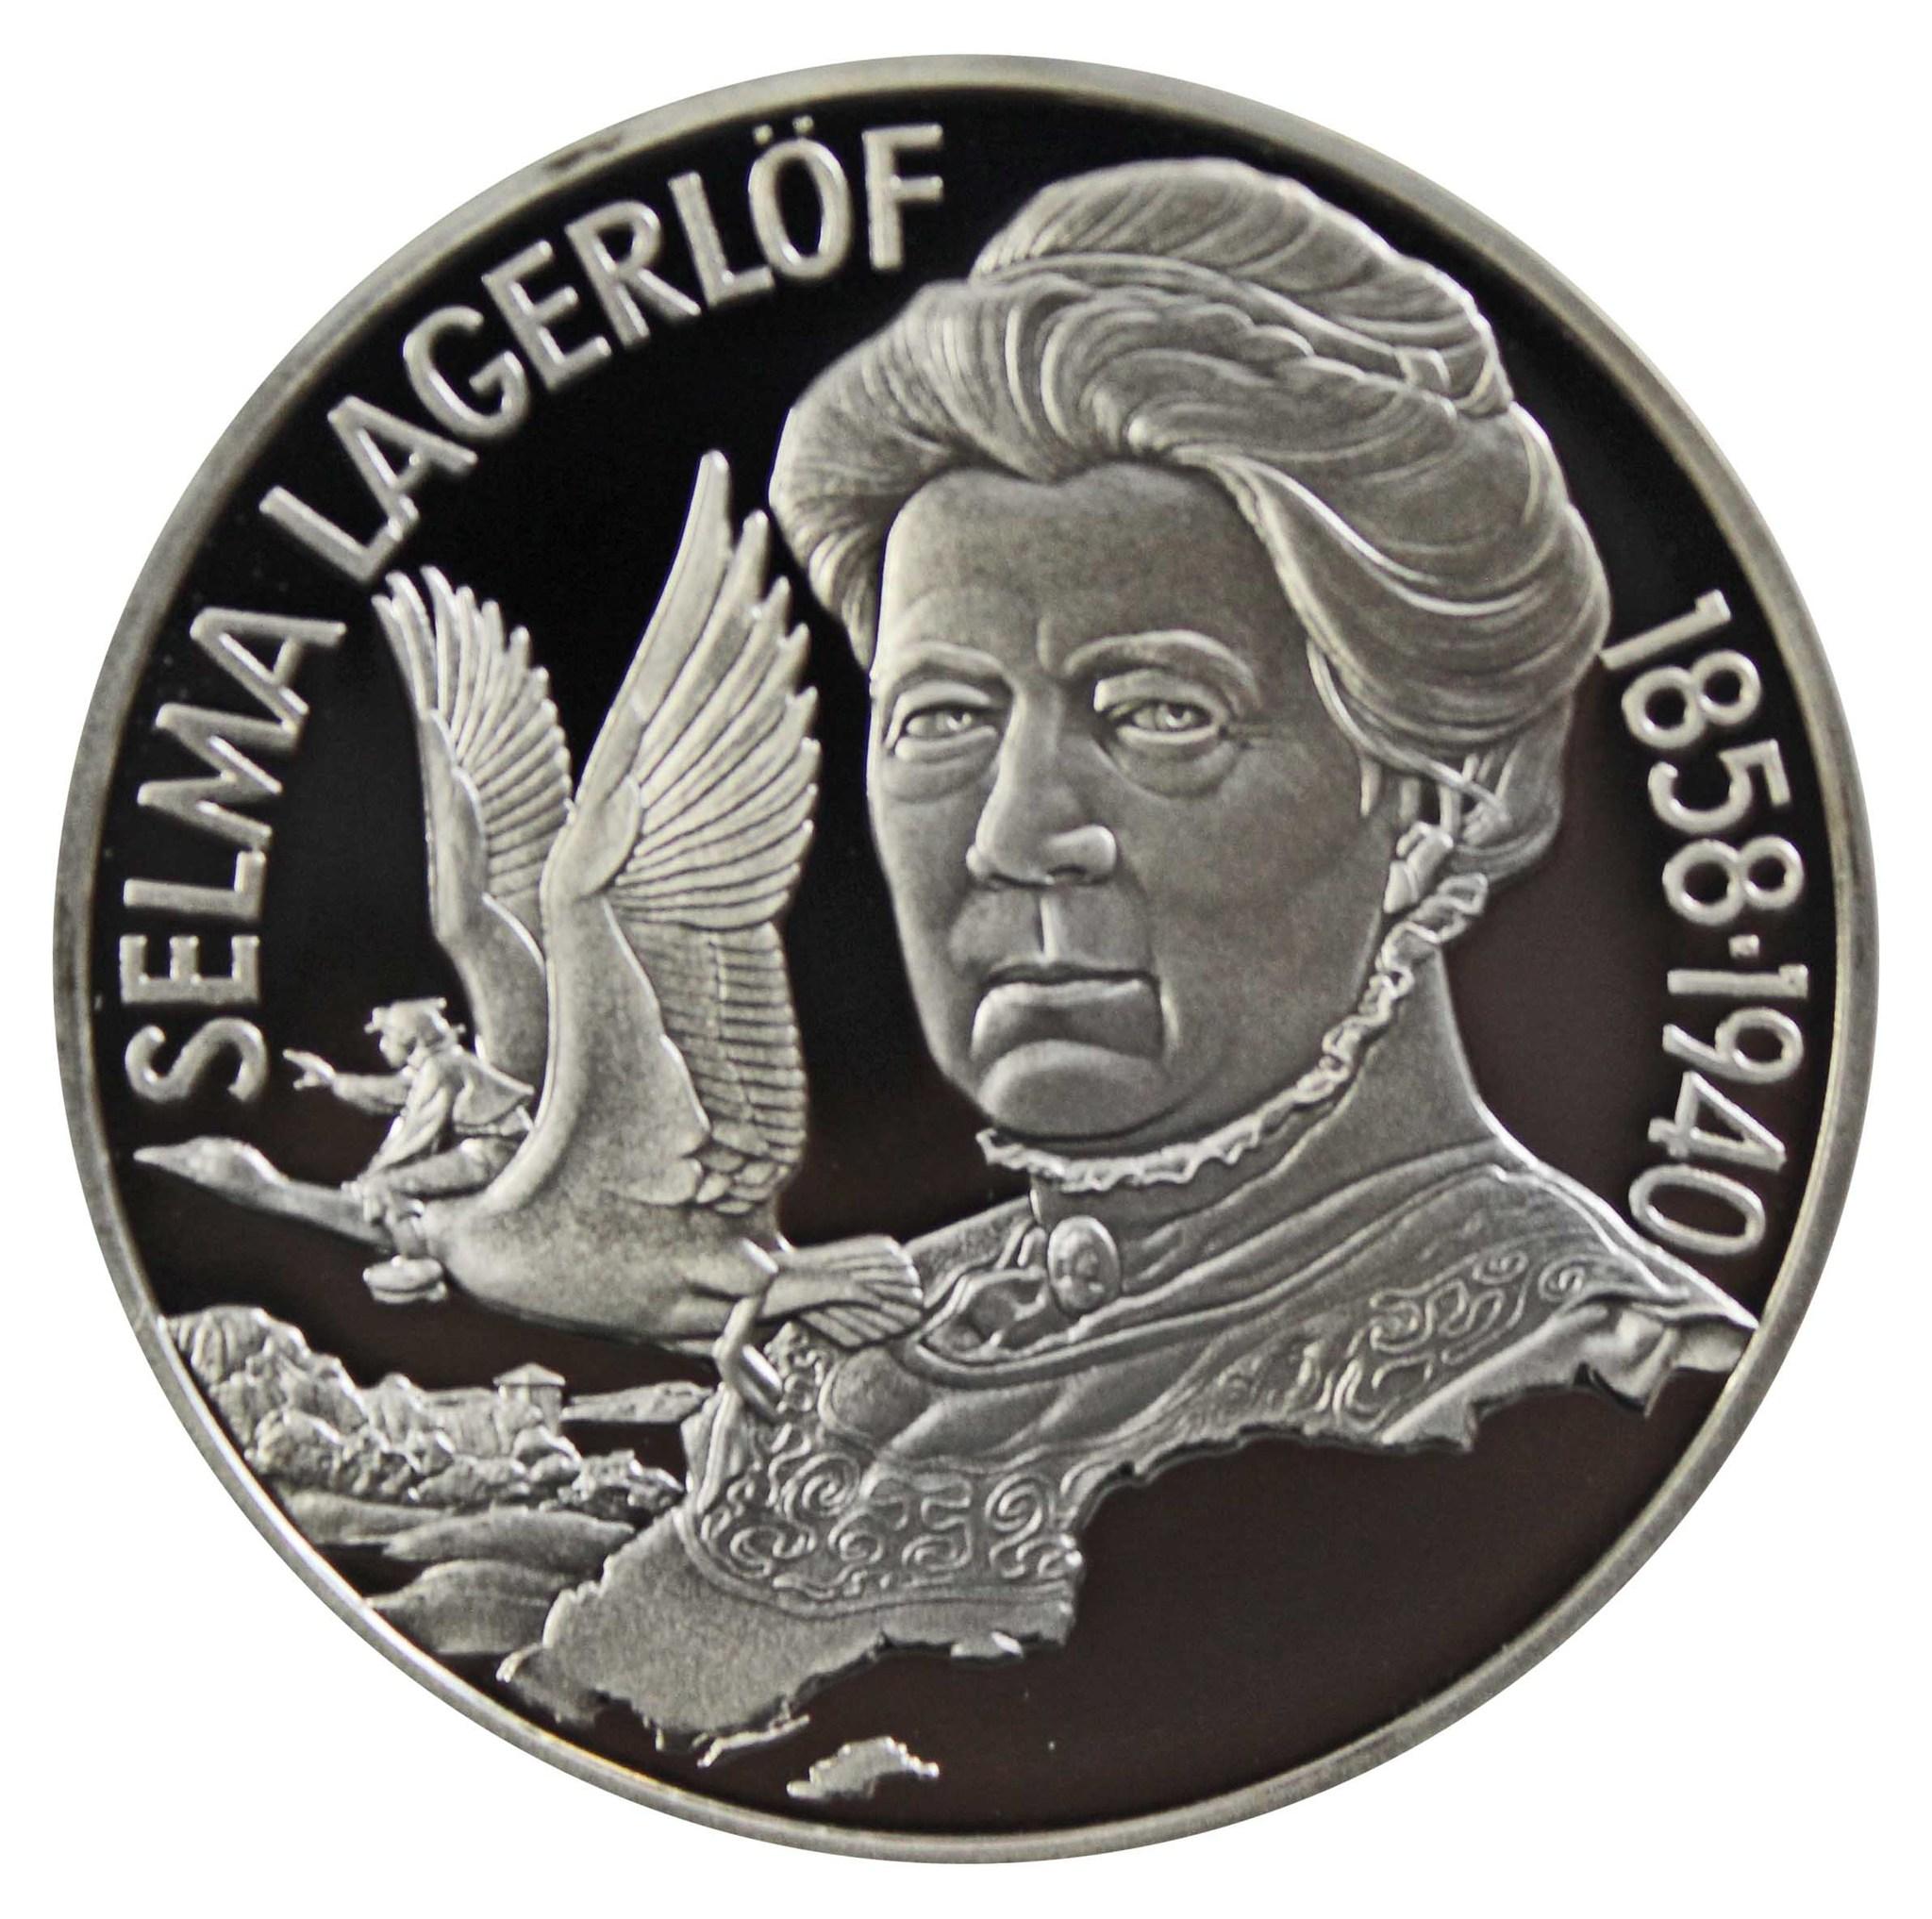 20 евро. Писательница Сельма Лагерлёф. Швеция. 1996 год. Серебро. PROOF